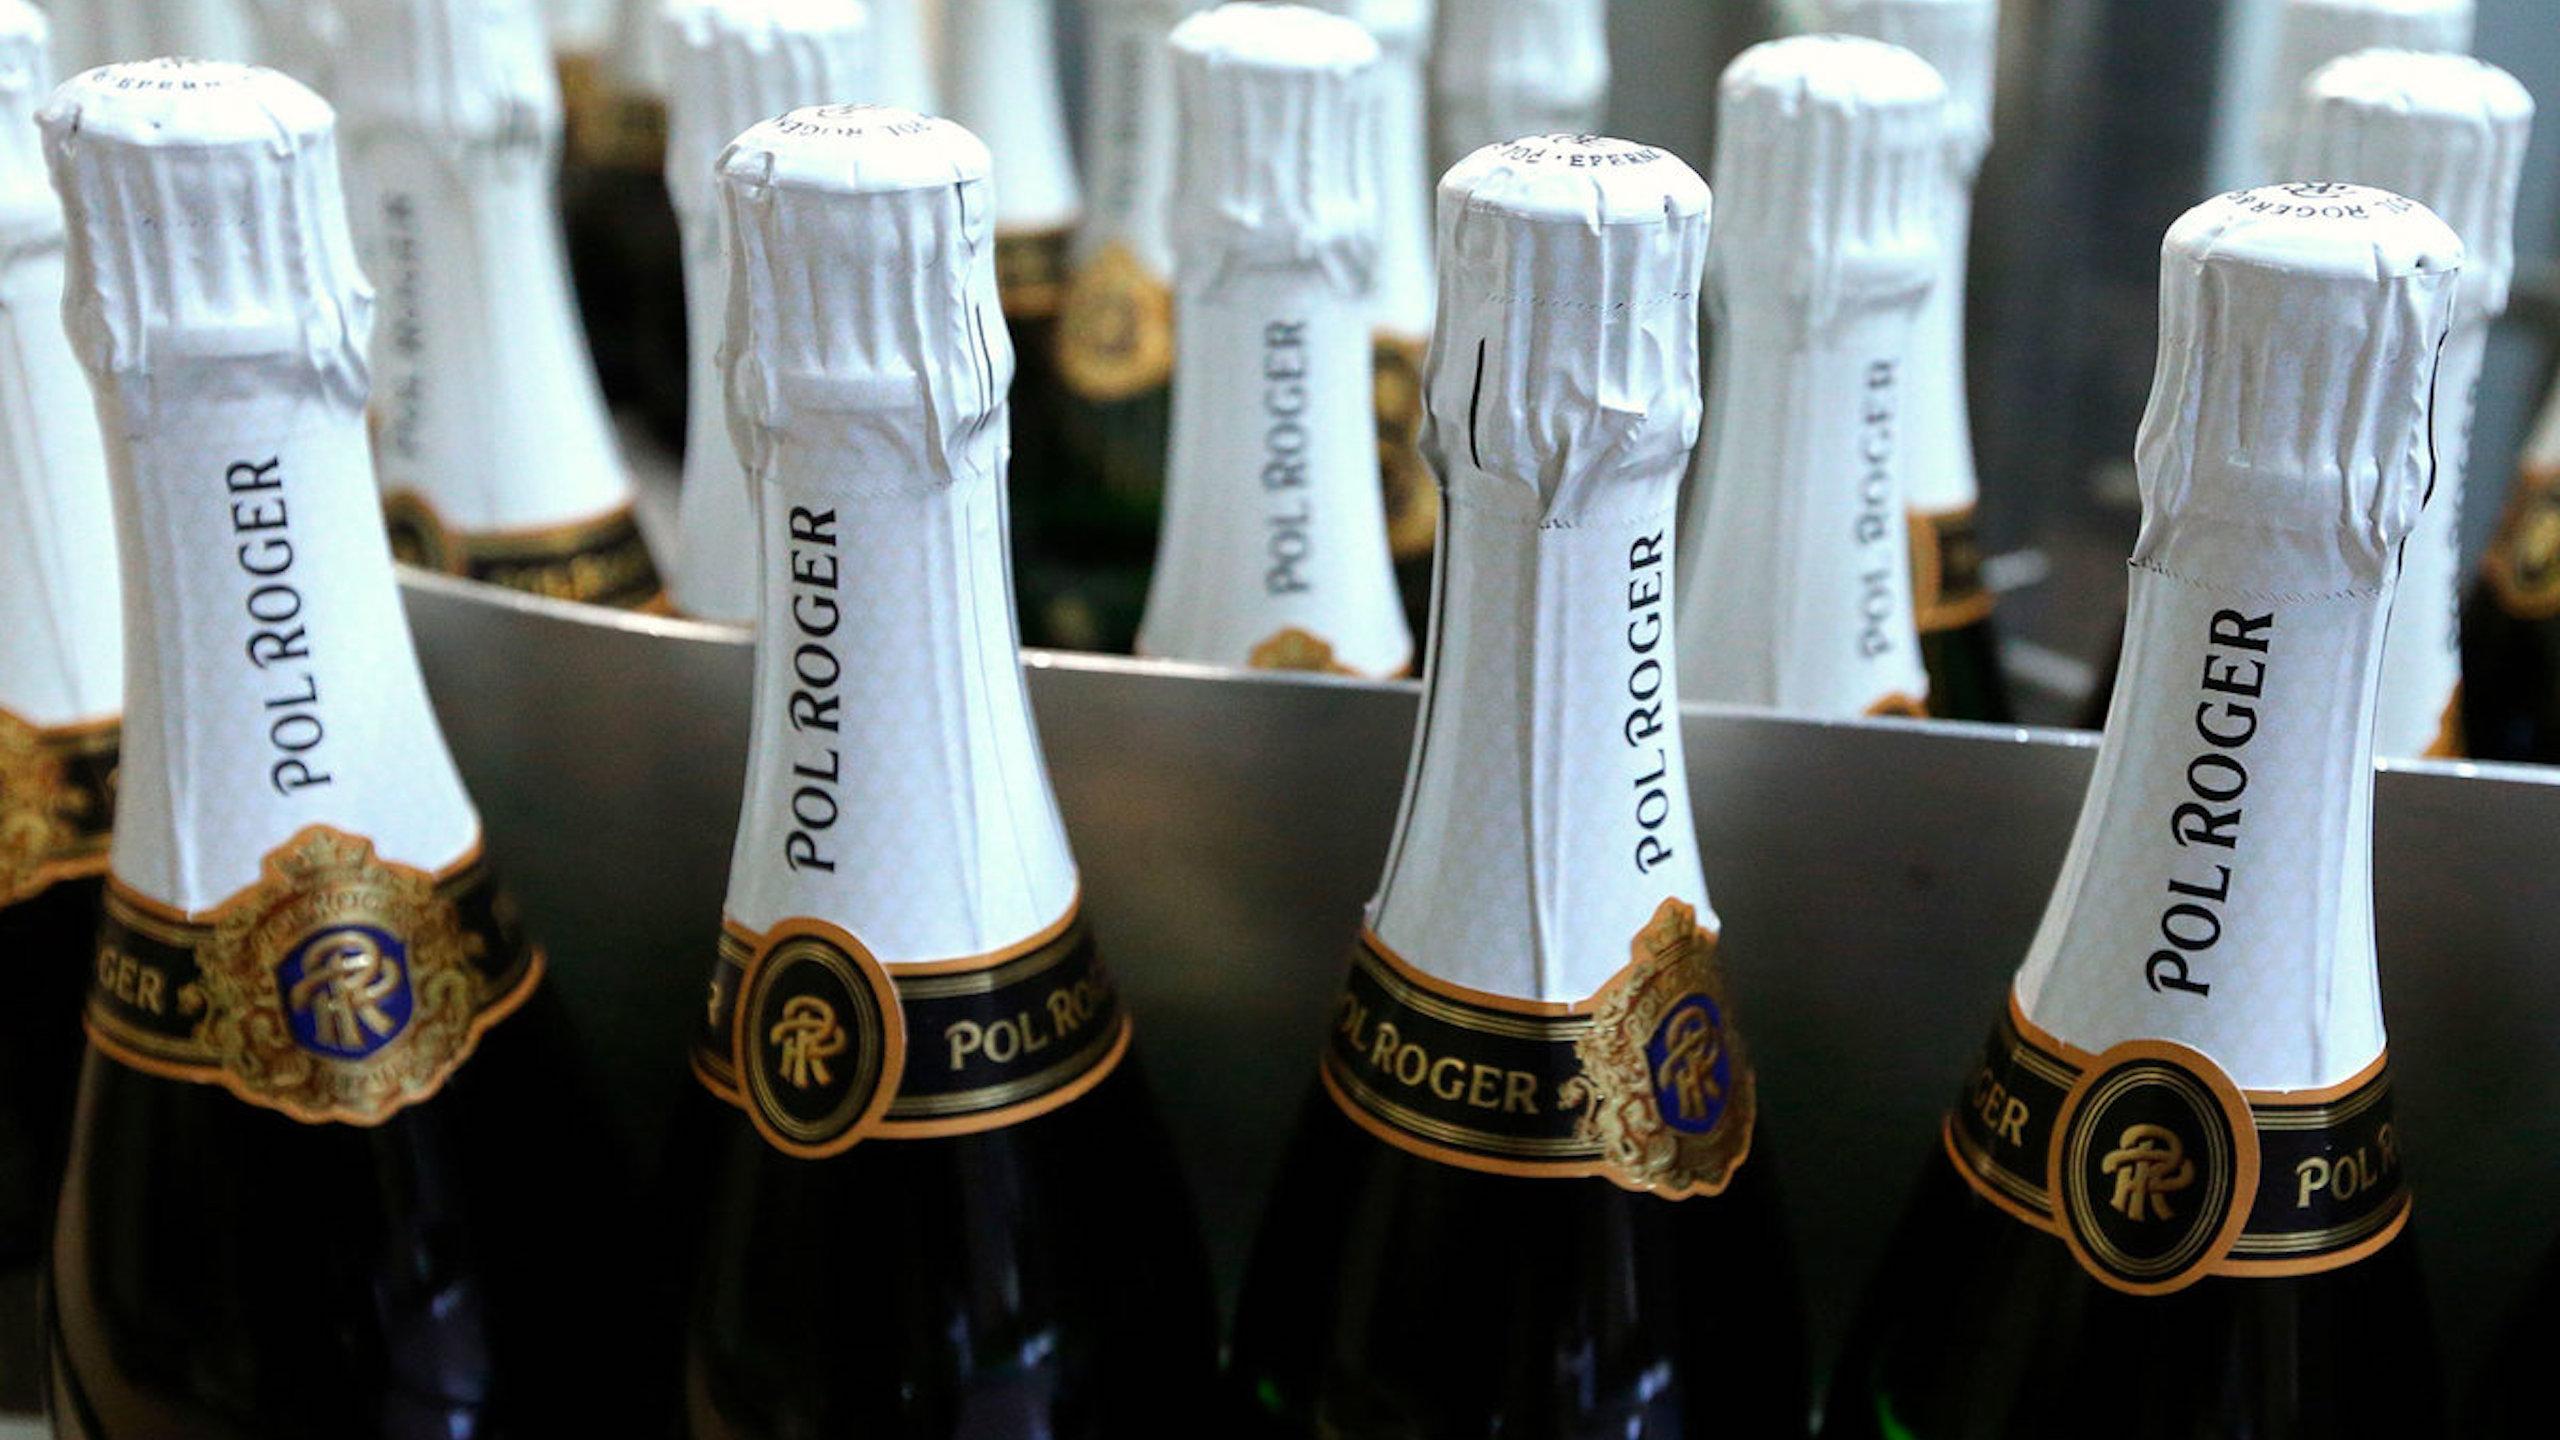 champagen Pol Roger